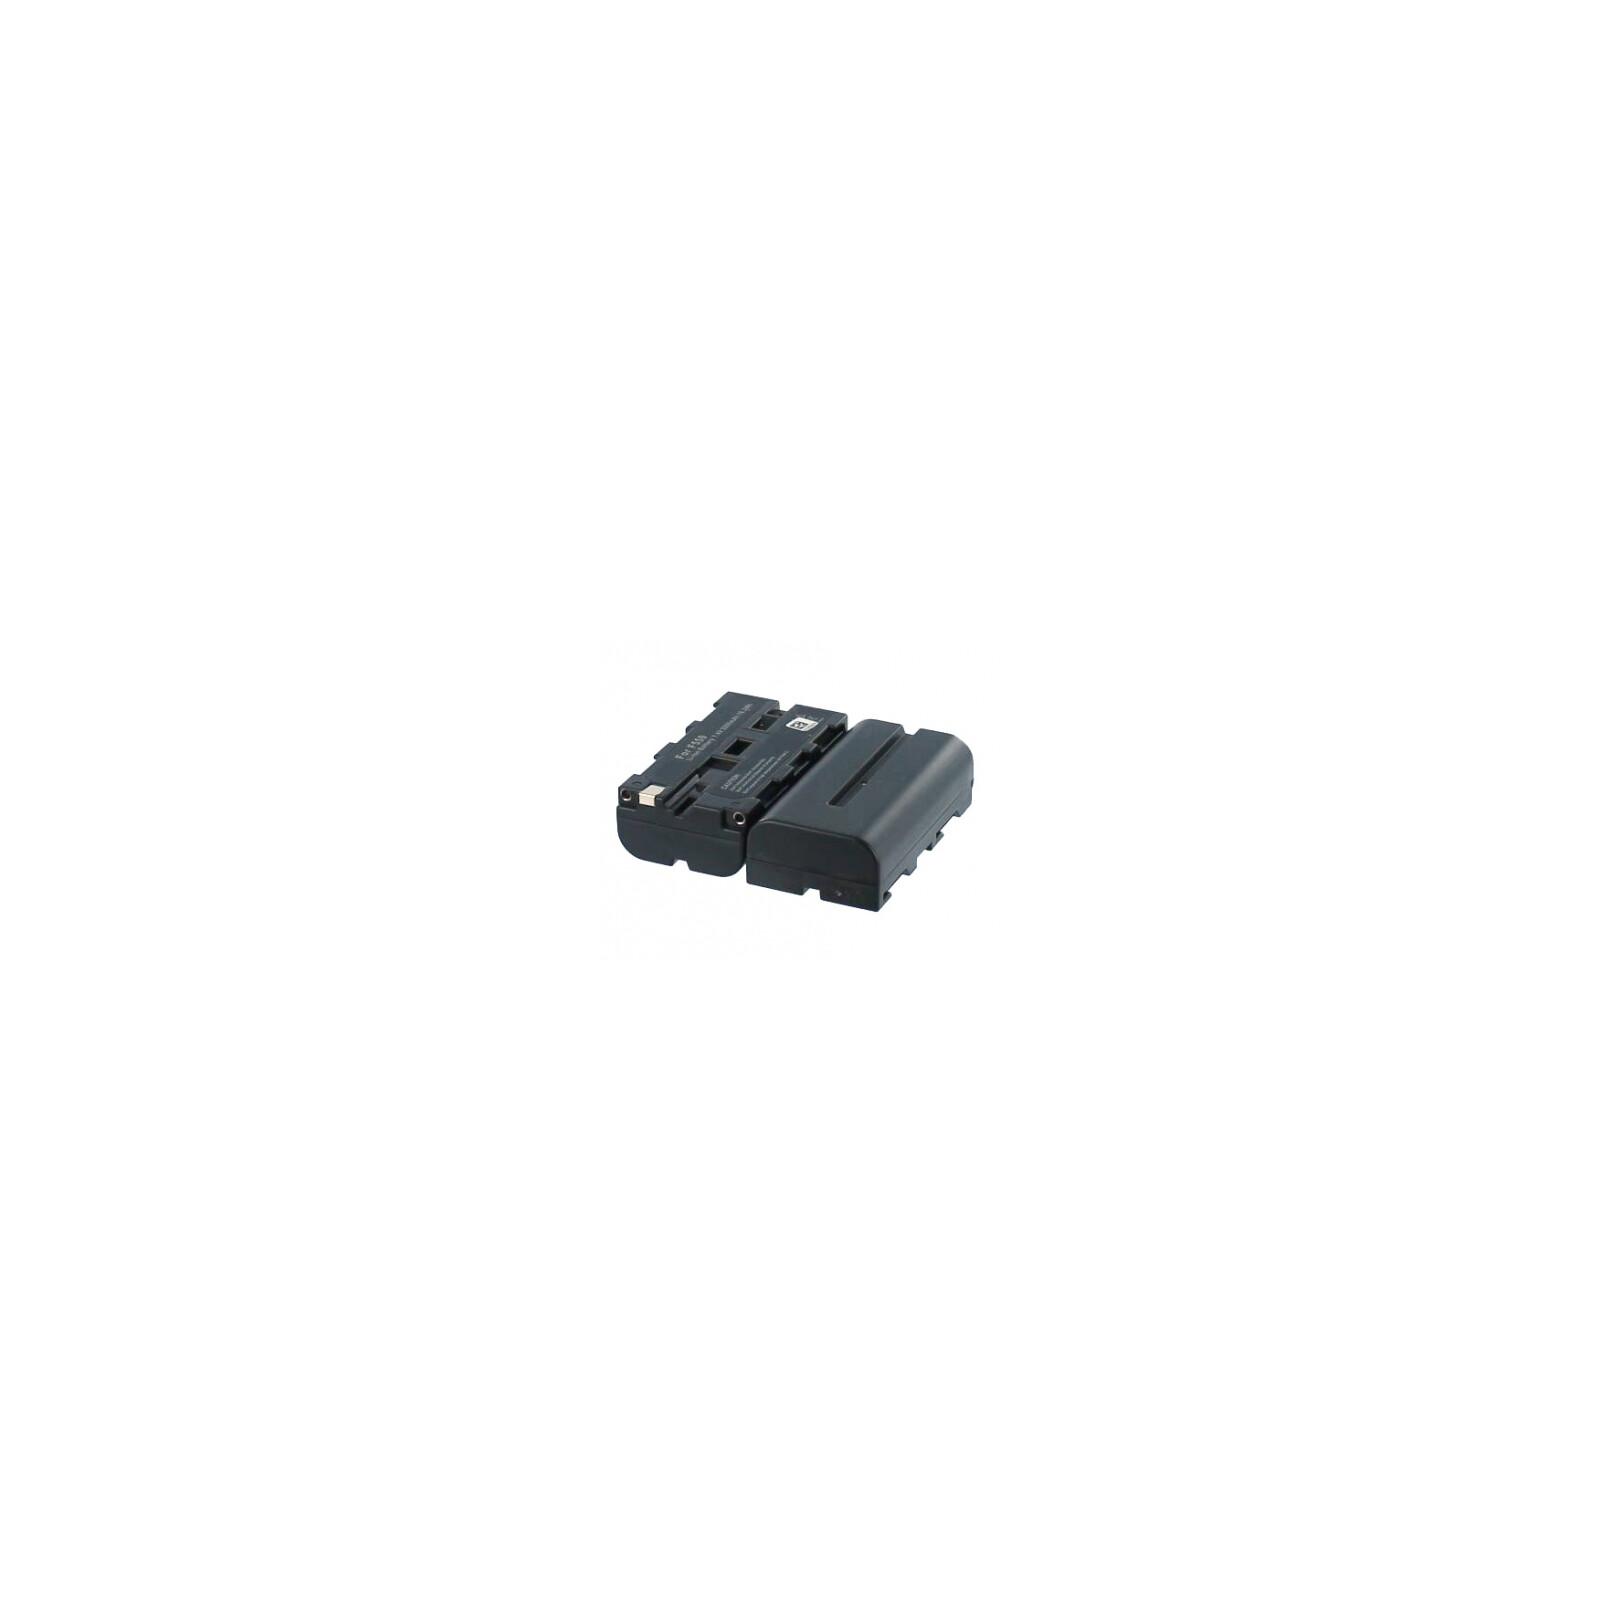 AGI 11632 Akku Sony DCR-TRV900